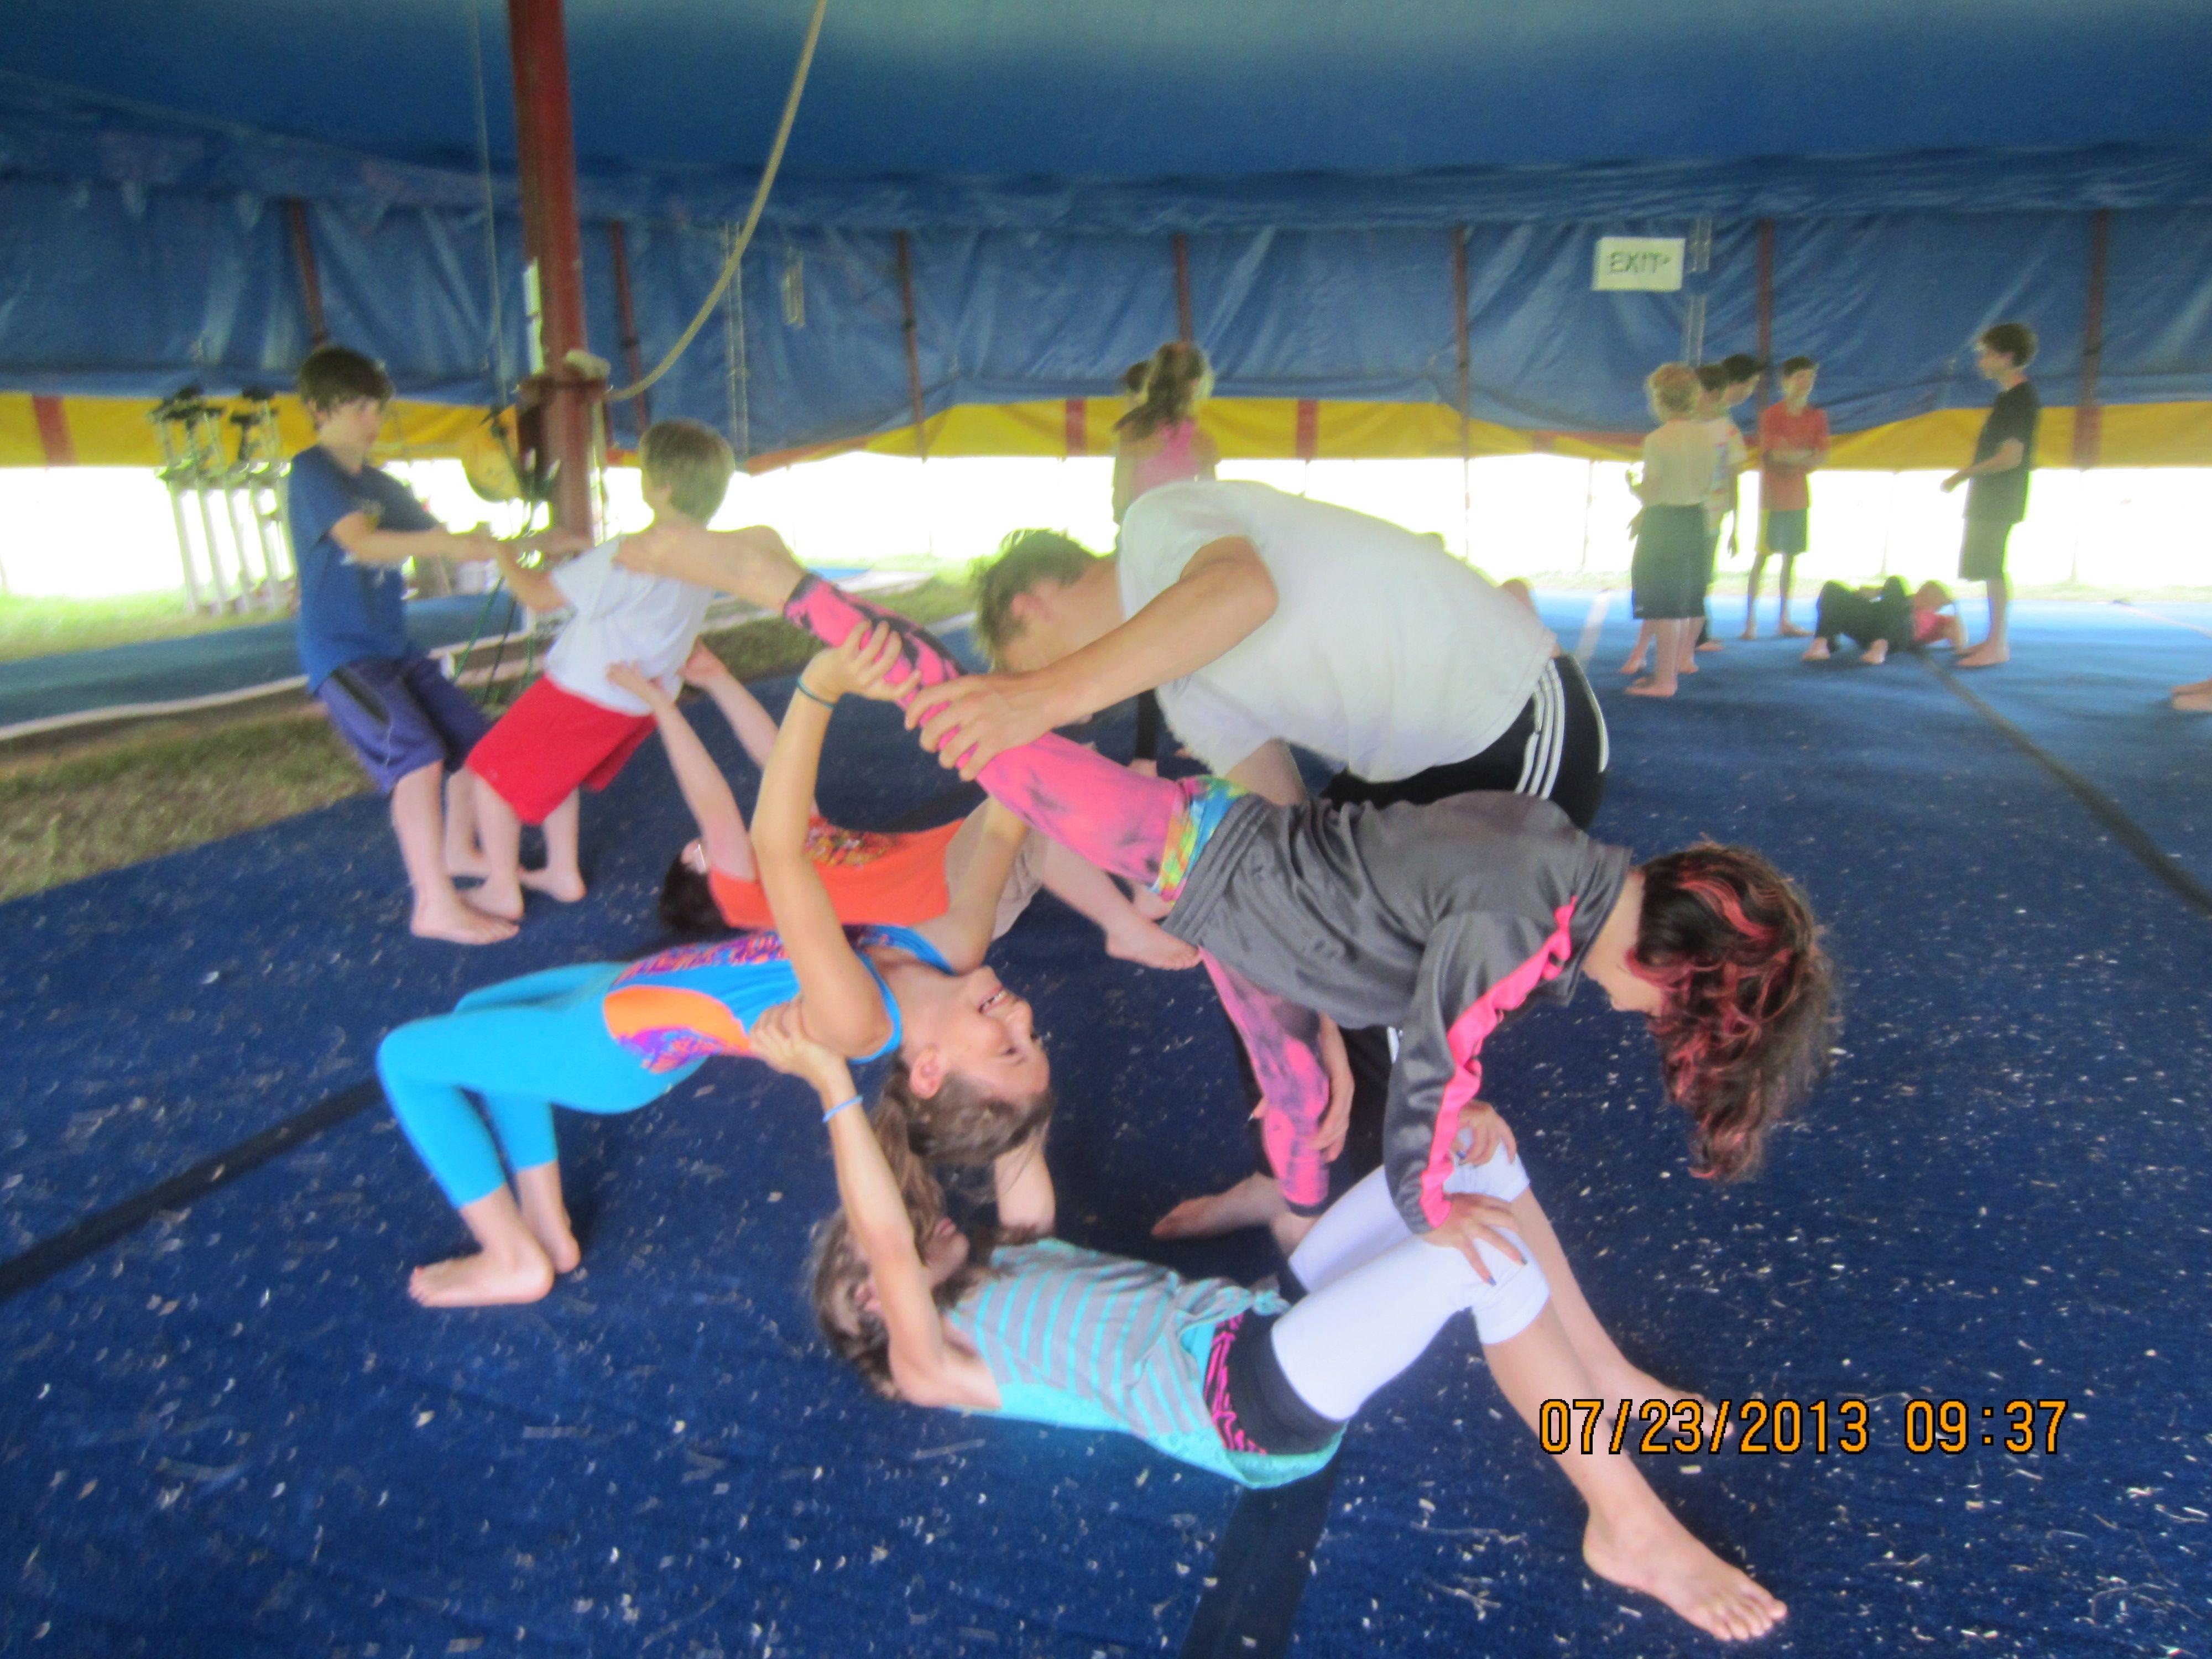 tumbling classes for toddlers las vegas